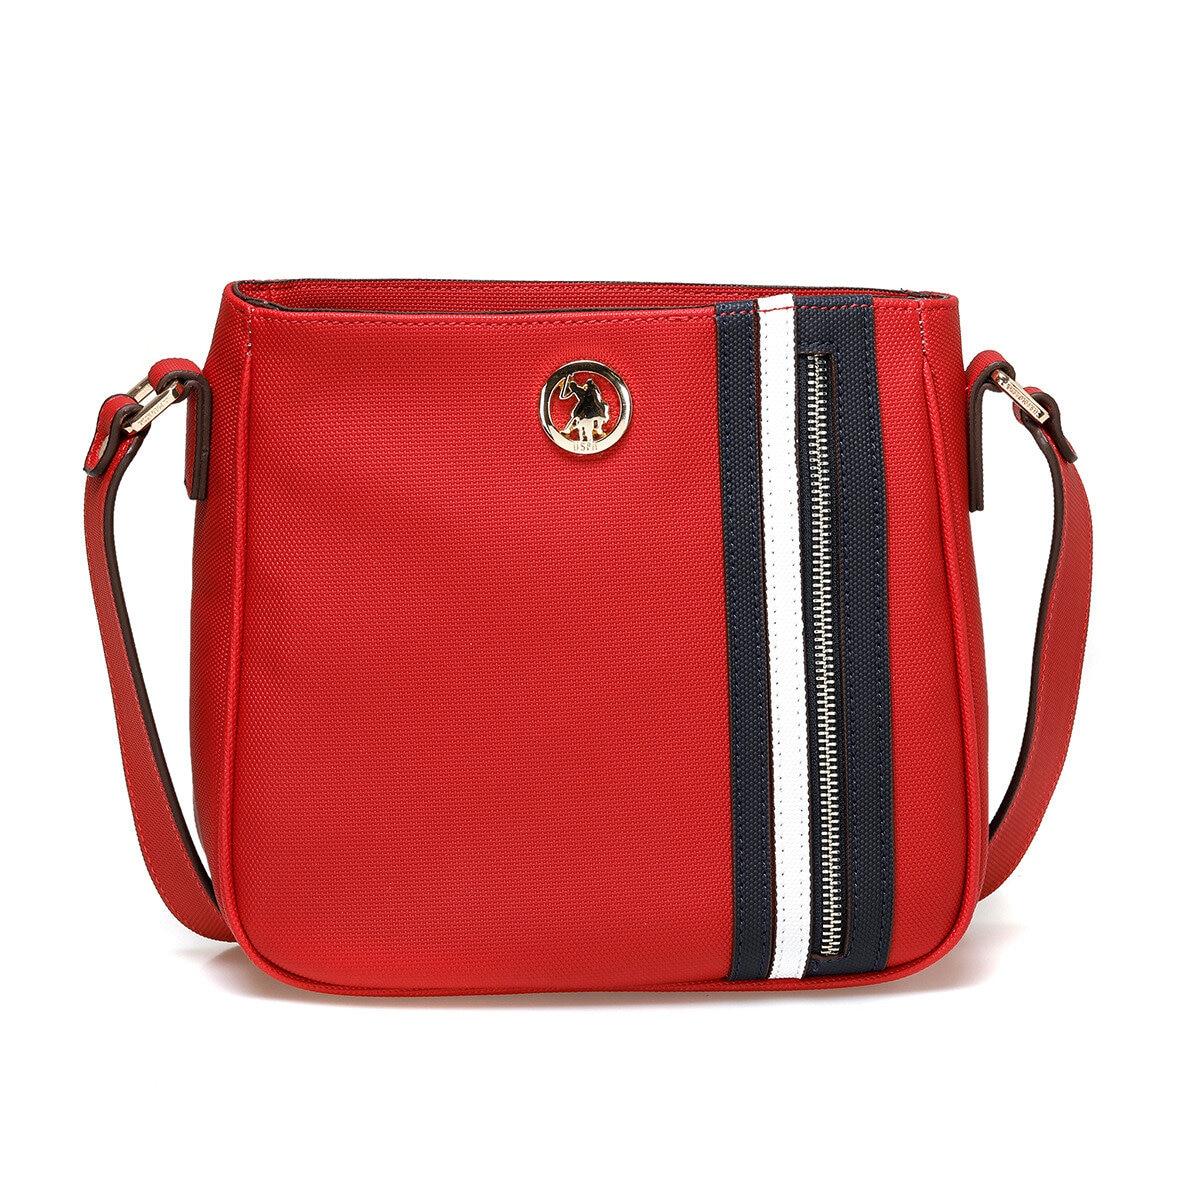 FLO US20282 Red Women Messenger Bag U.S. POLO ASSN.